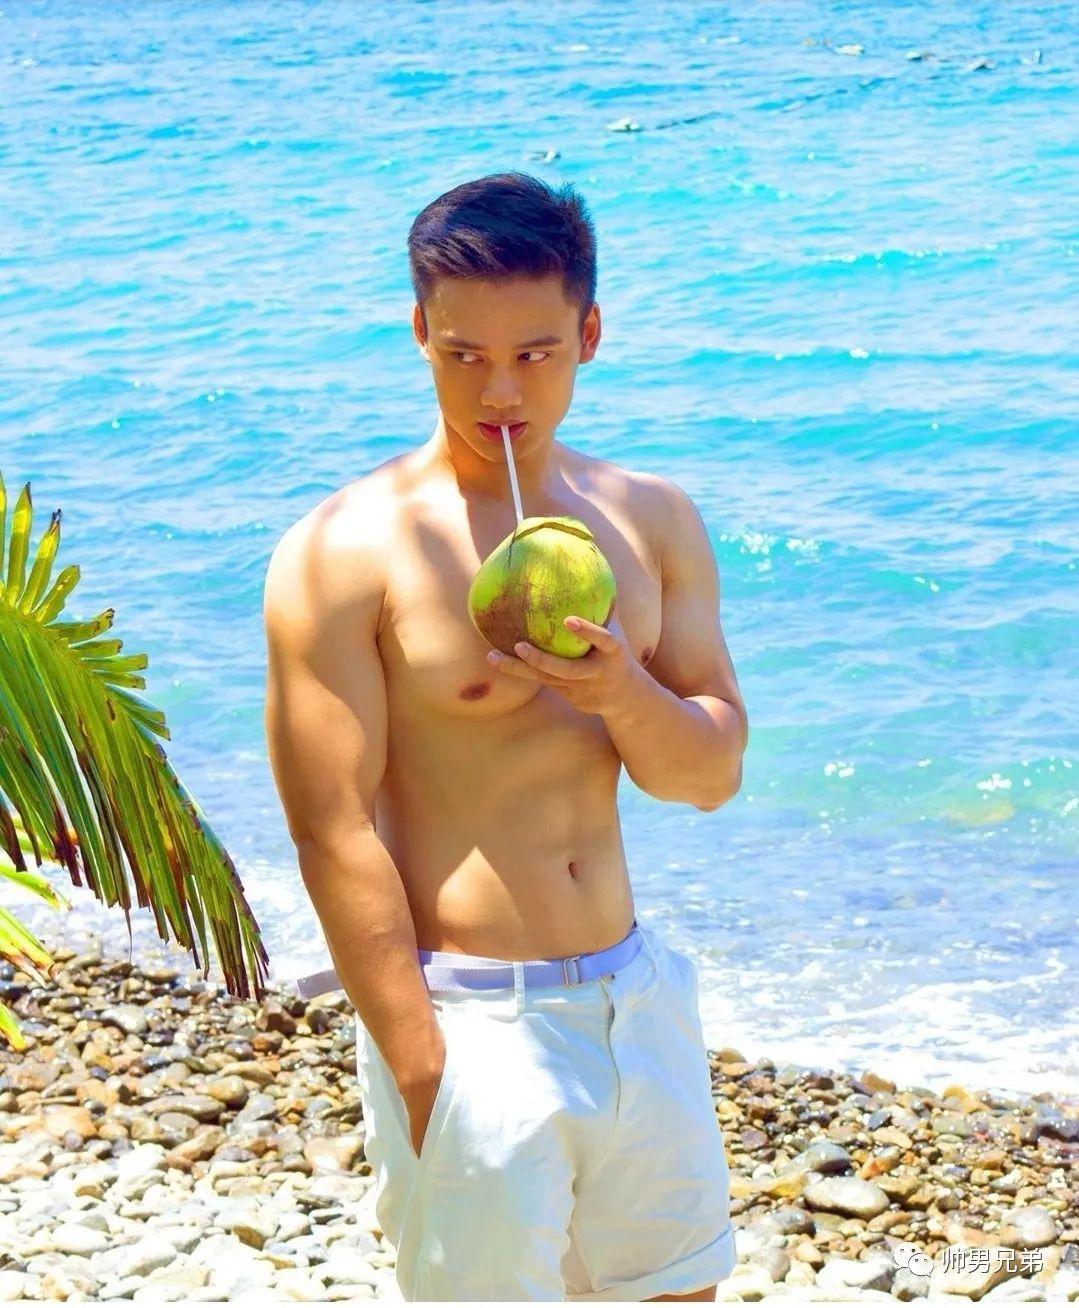 爱喝椰子的热带帅哥,阳光是他的肤色